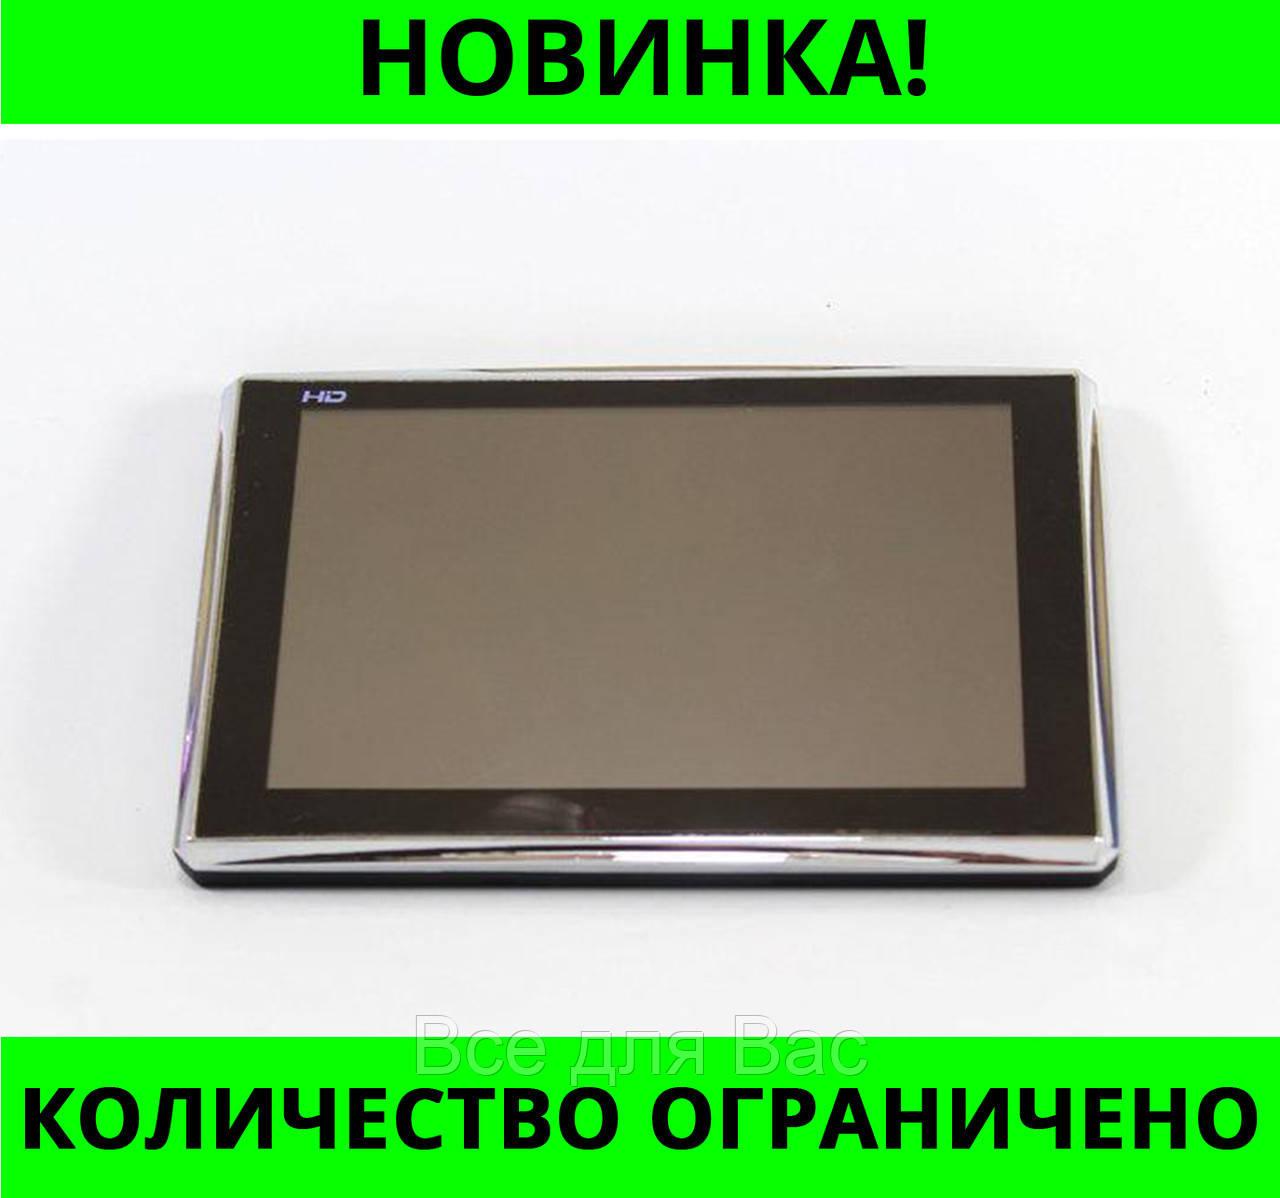 GPS Навигатор 5001 \ram 256mb\8gb\емкостный экран!Розница и Опт